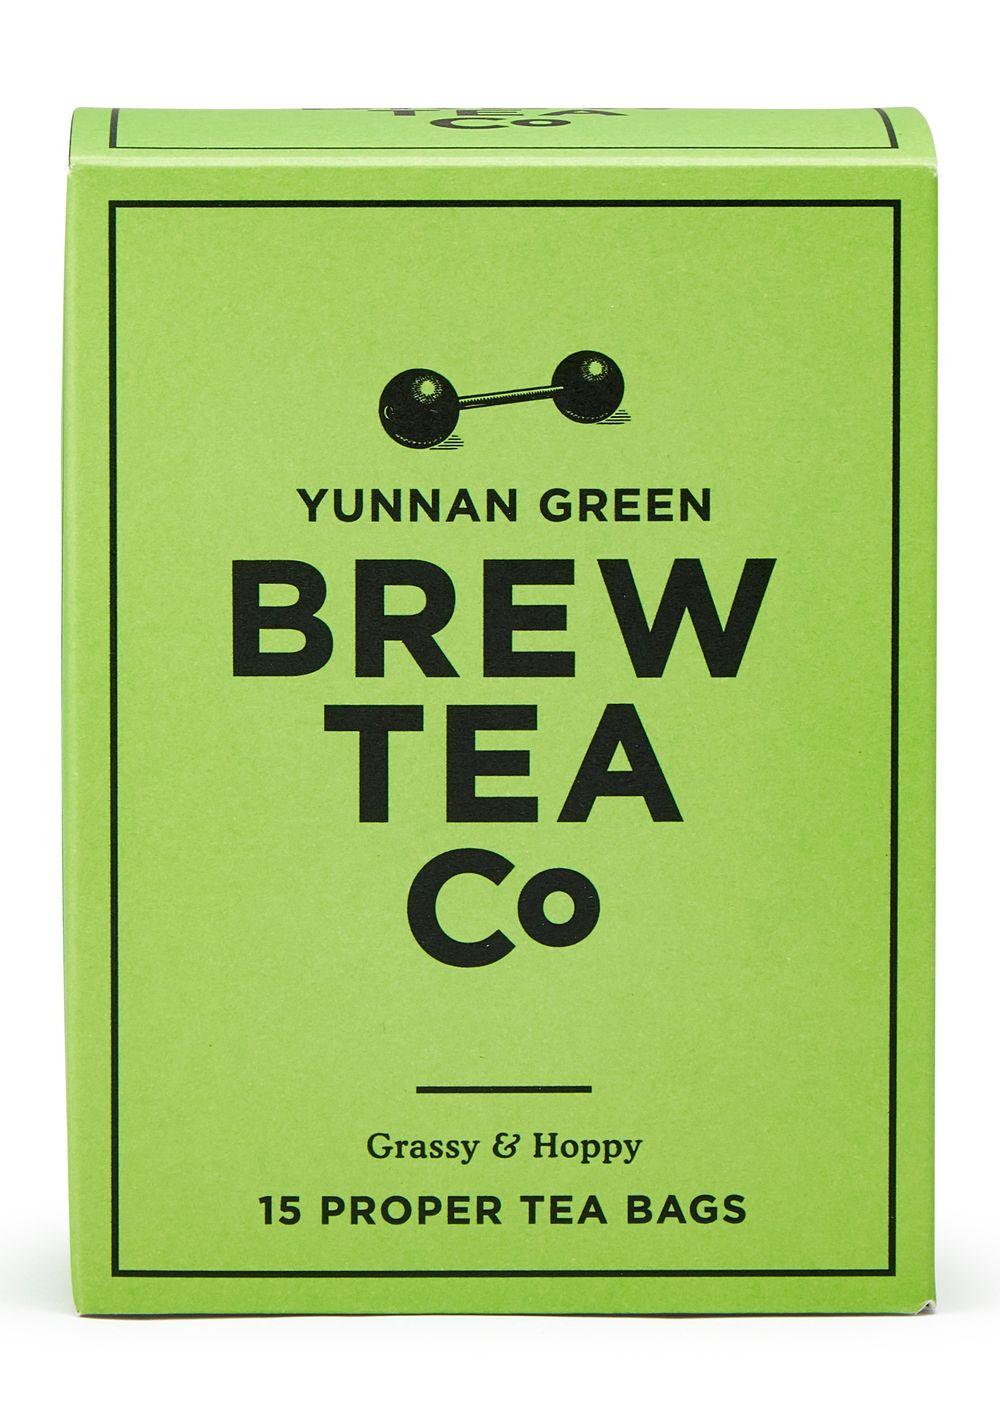 Green Tea - 15 Proper Tea Bags